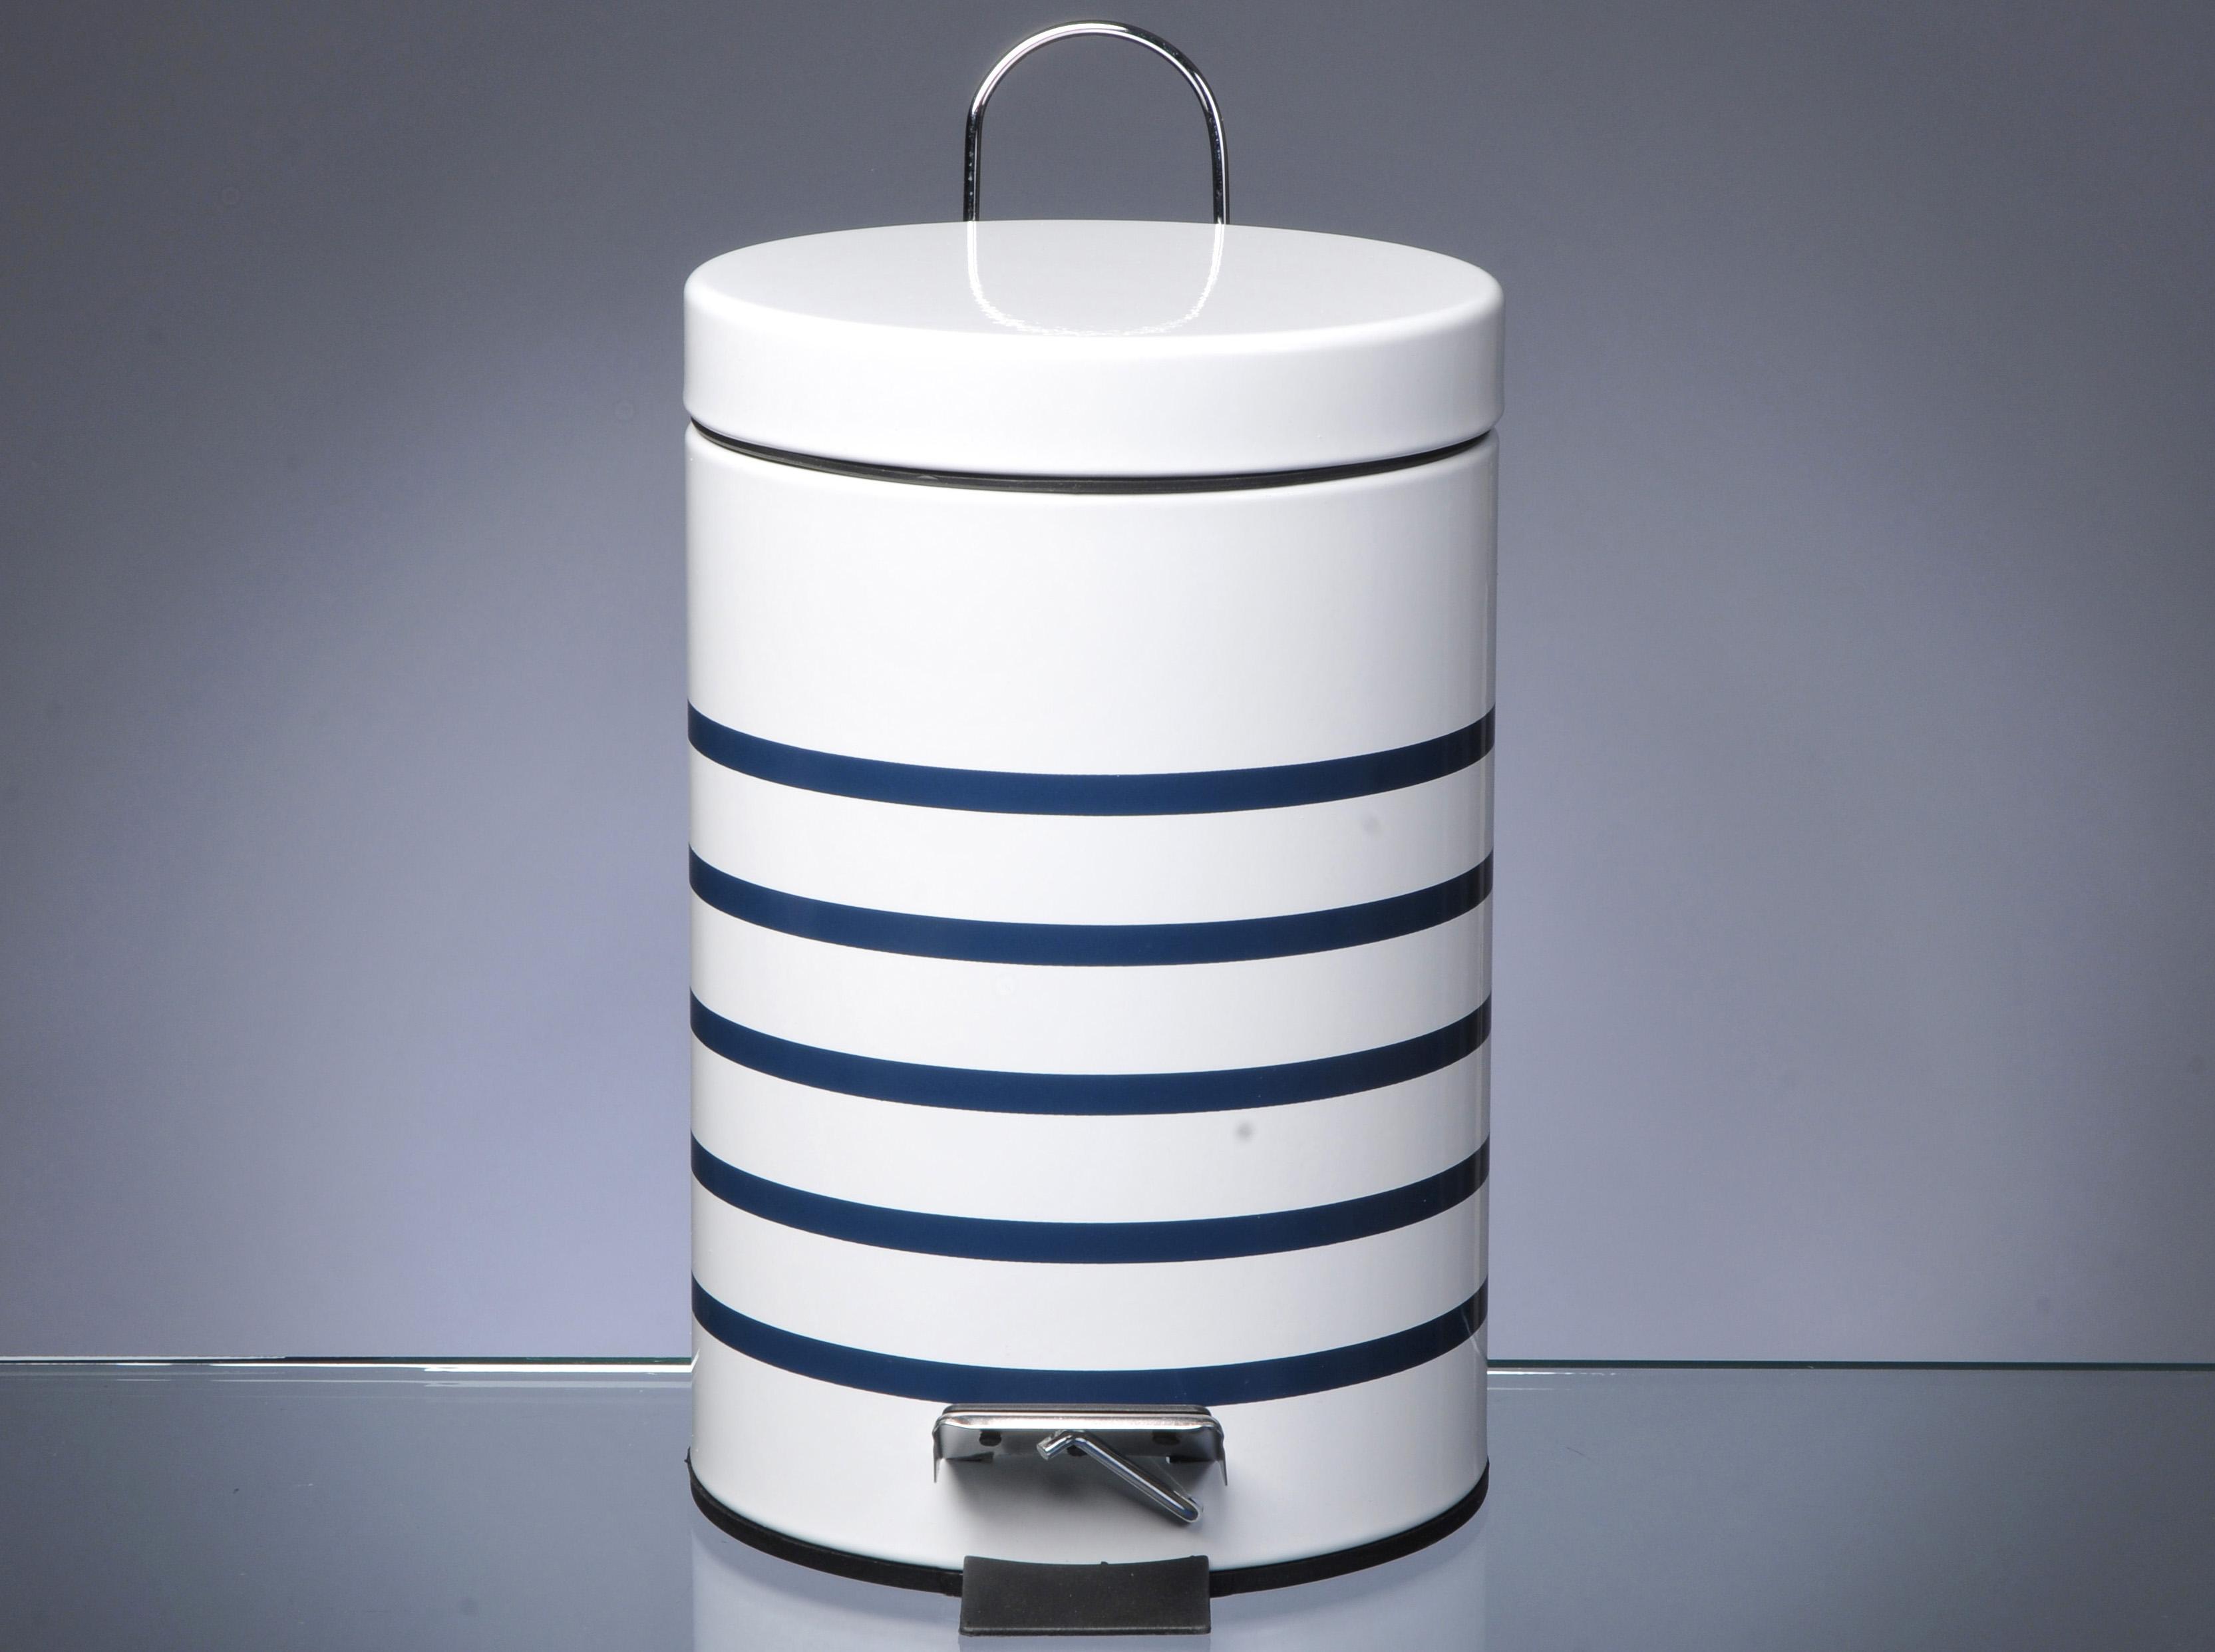 Les poubelles ne se cachent plus elle d coration for Poubelle de salle de bain design